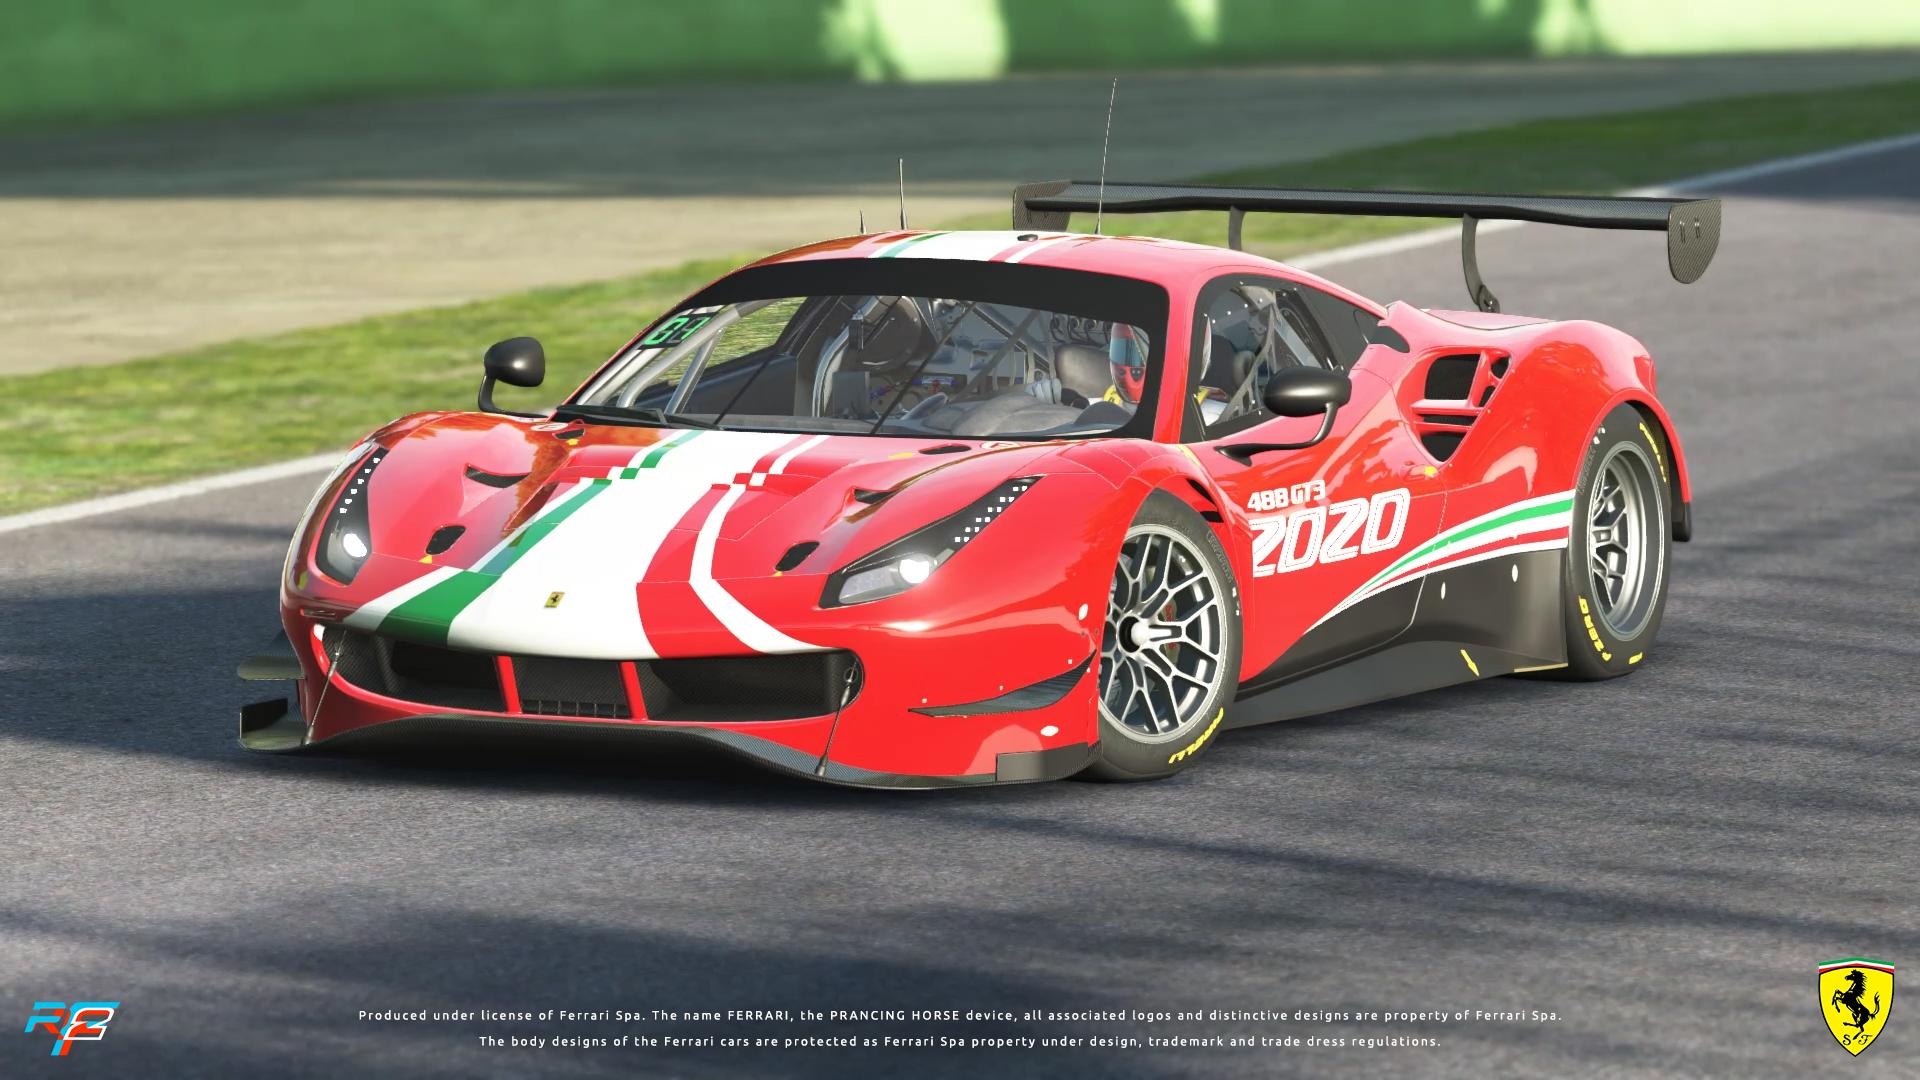 rFactor_2_Ferrari_488_GT3_EVO_2020_03.jp